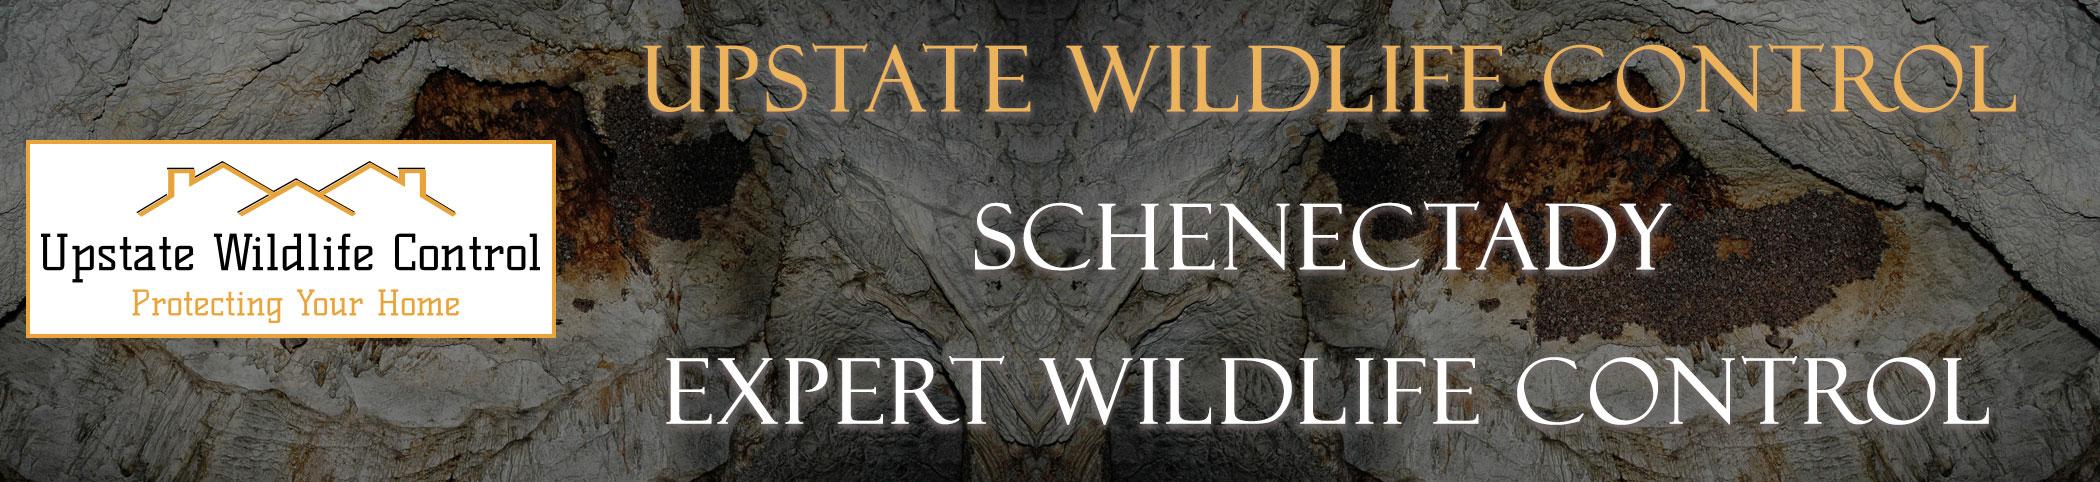 UPSTATE WILDLIFE CONTROL Schenectady